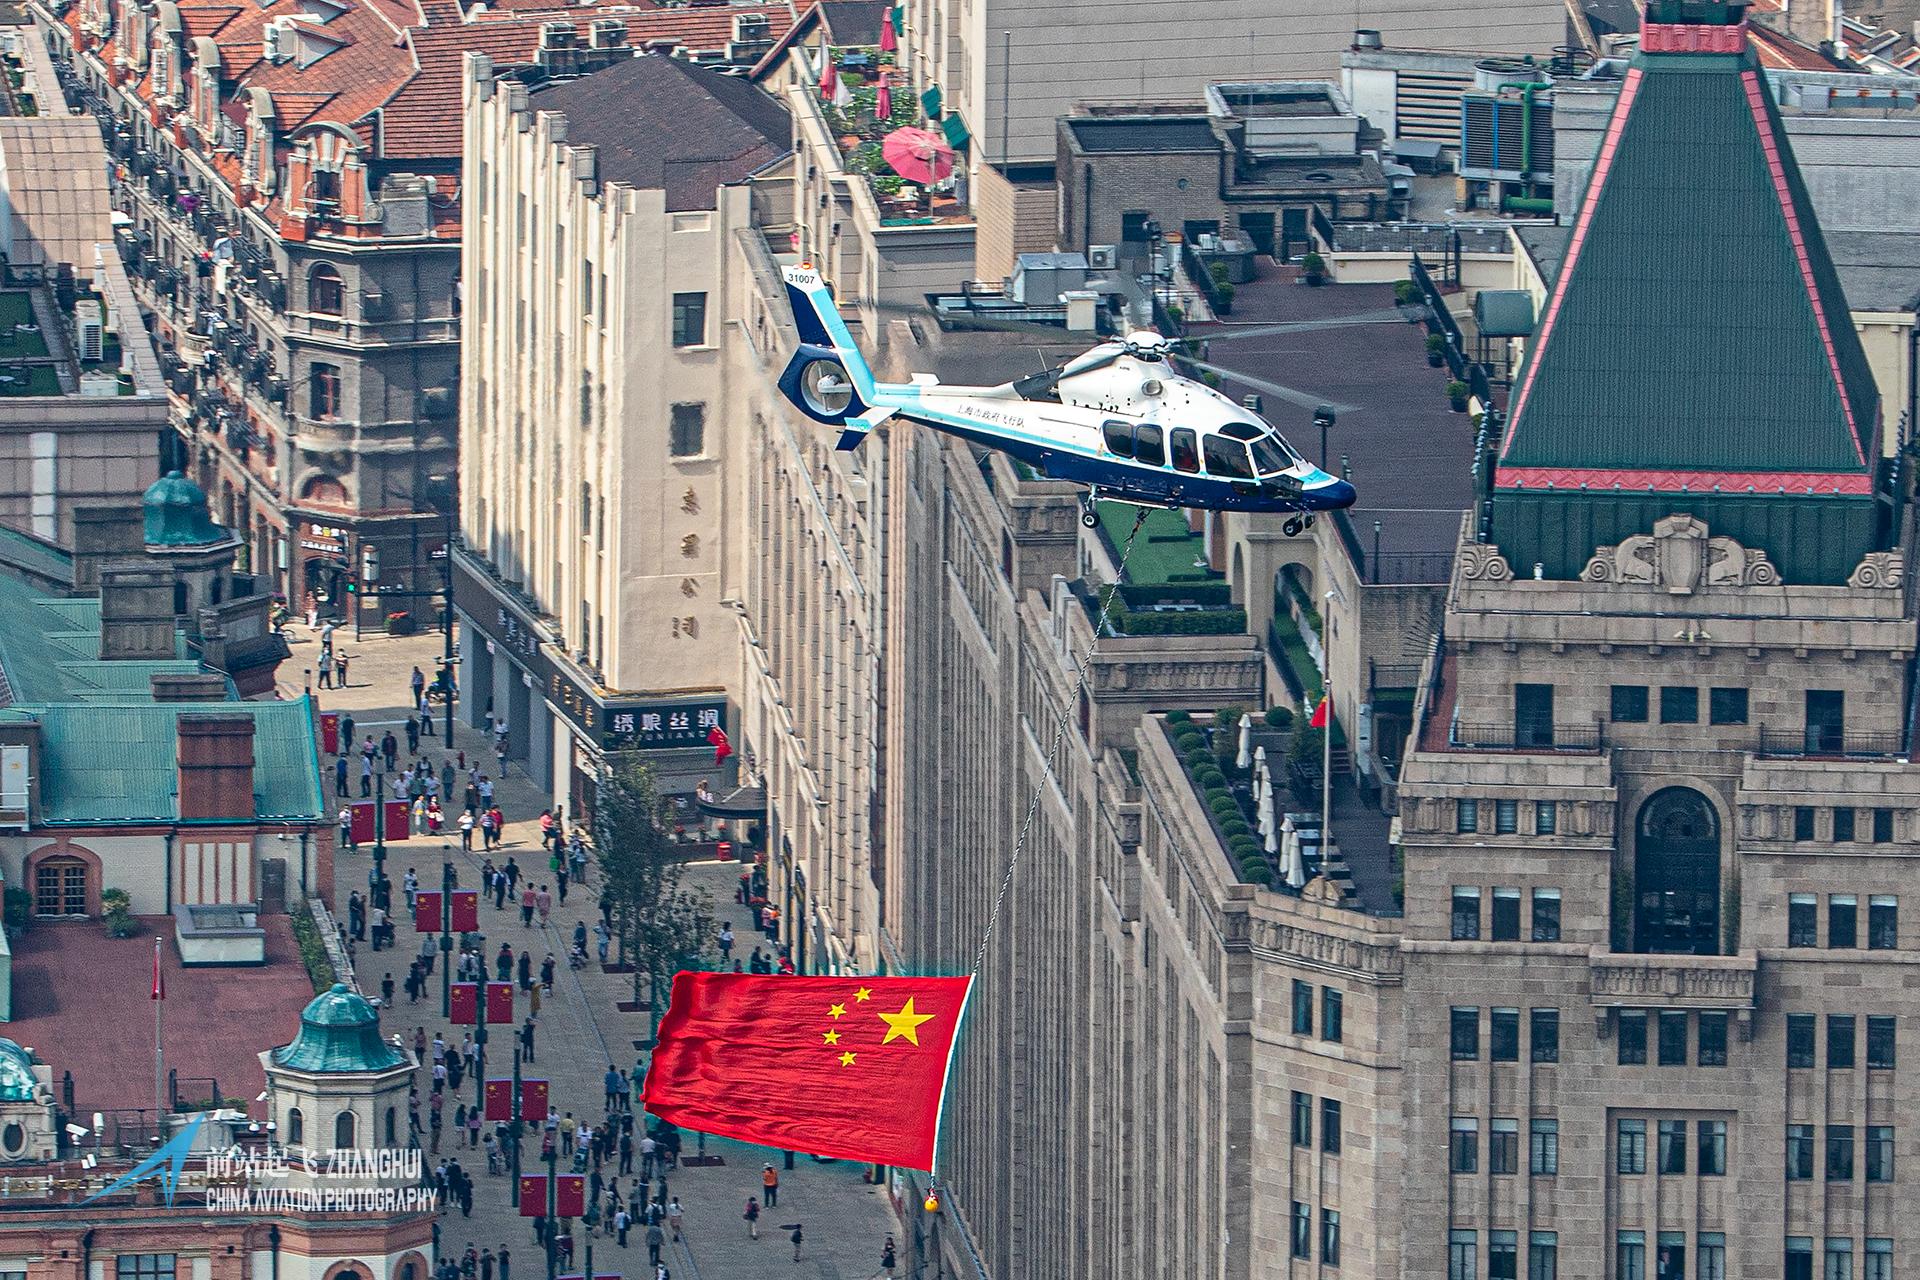 高清组图:庆祝共和国生日,上海警航携五星红旗飞跃外滩